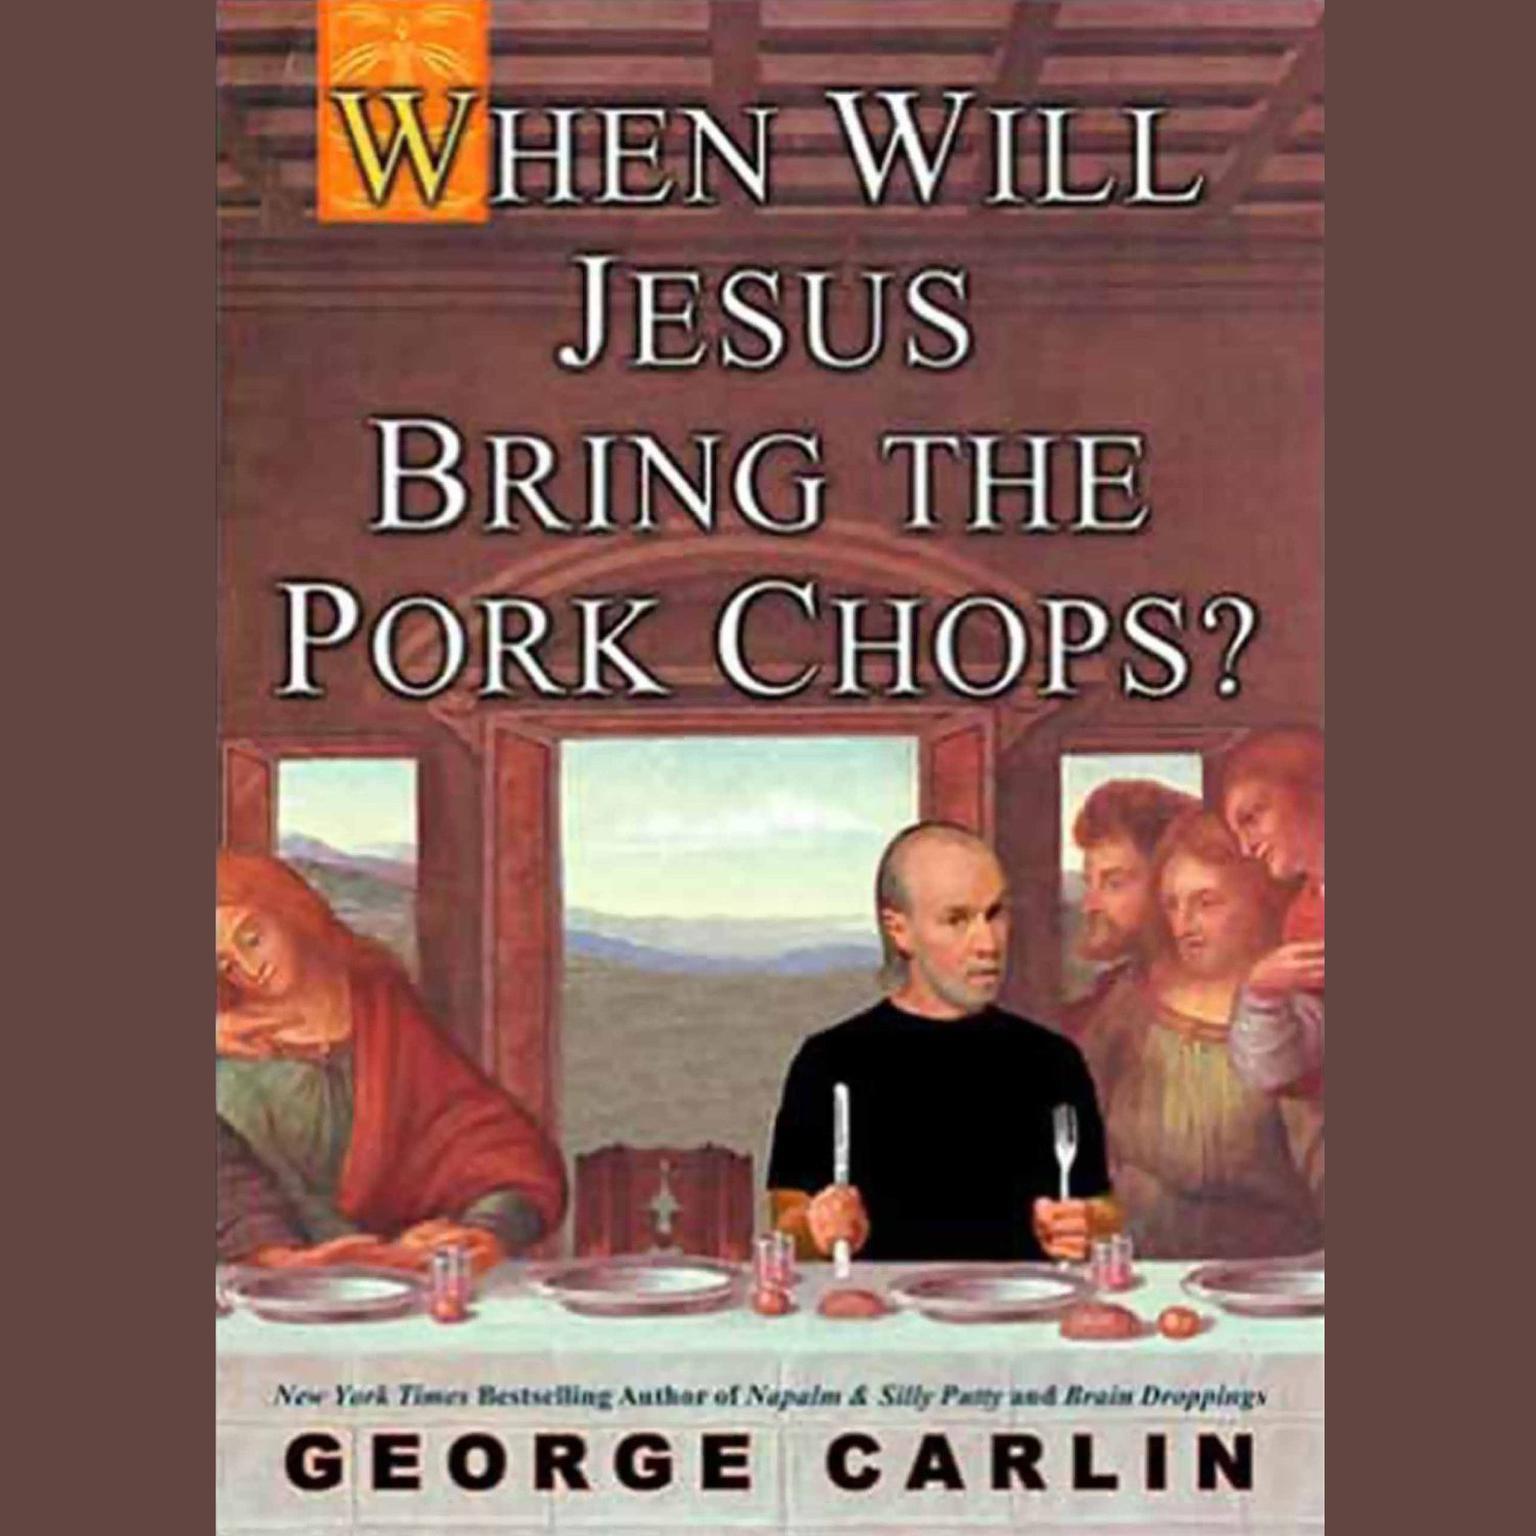 When Will Jesus Bring The Pork Chops?  Audiobook  Listen